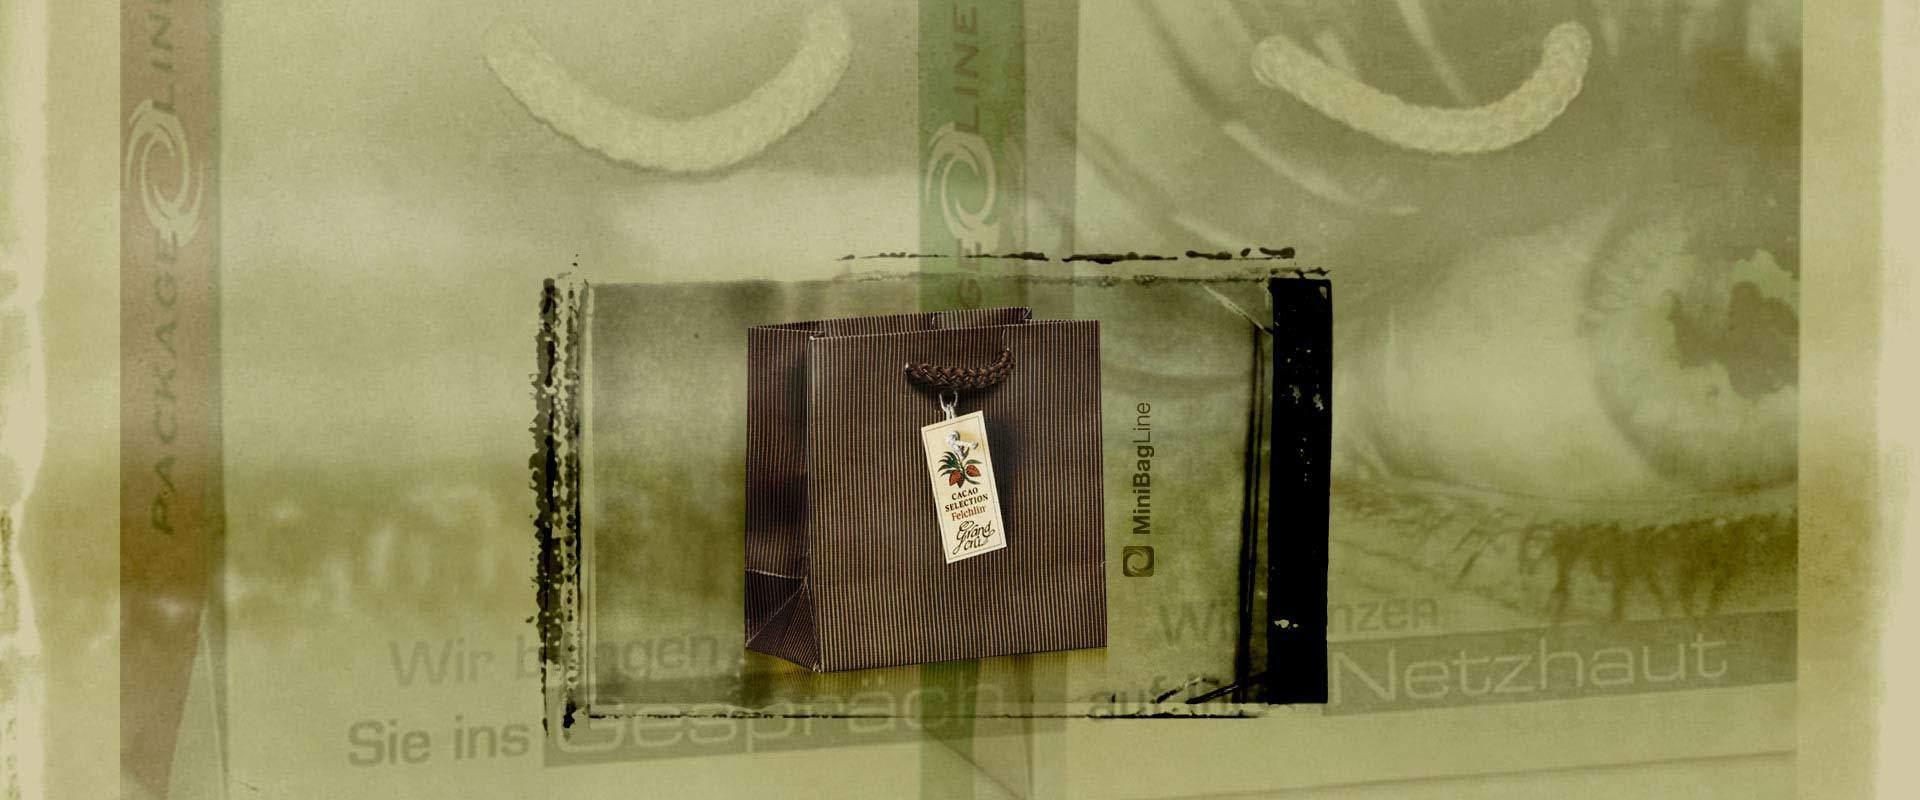 Taschen im Miniformat